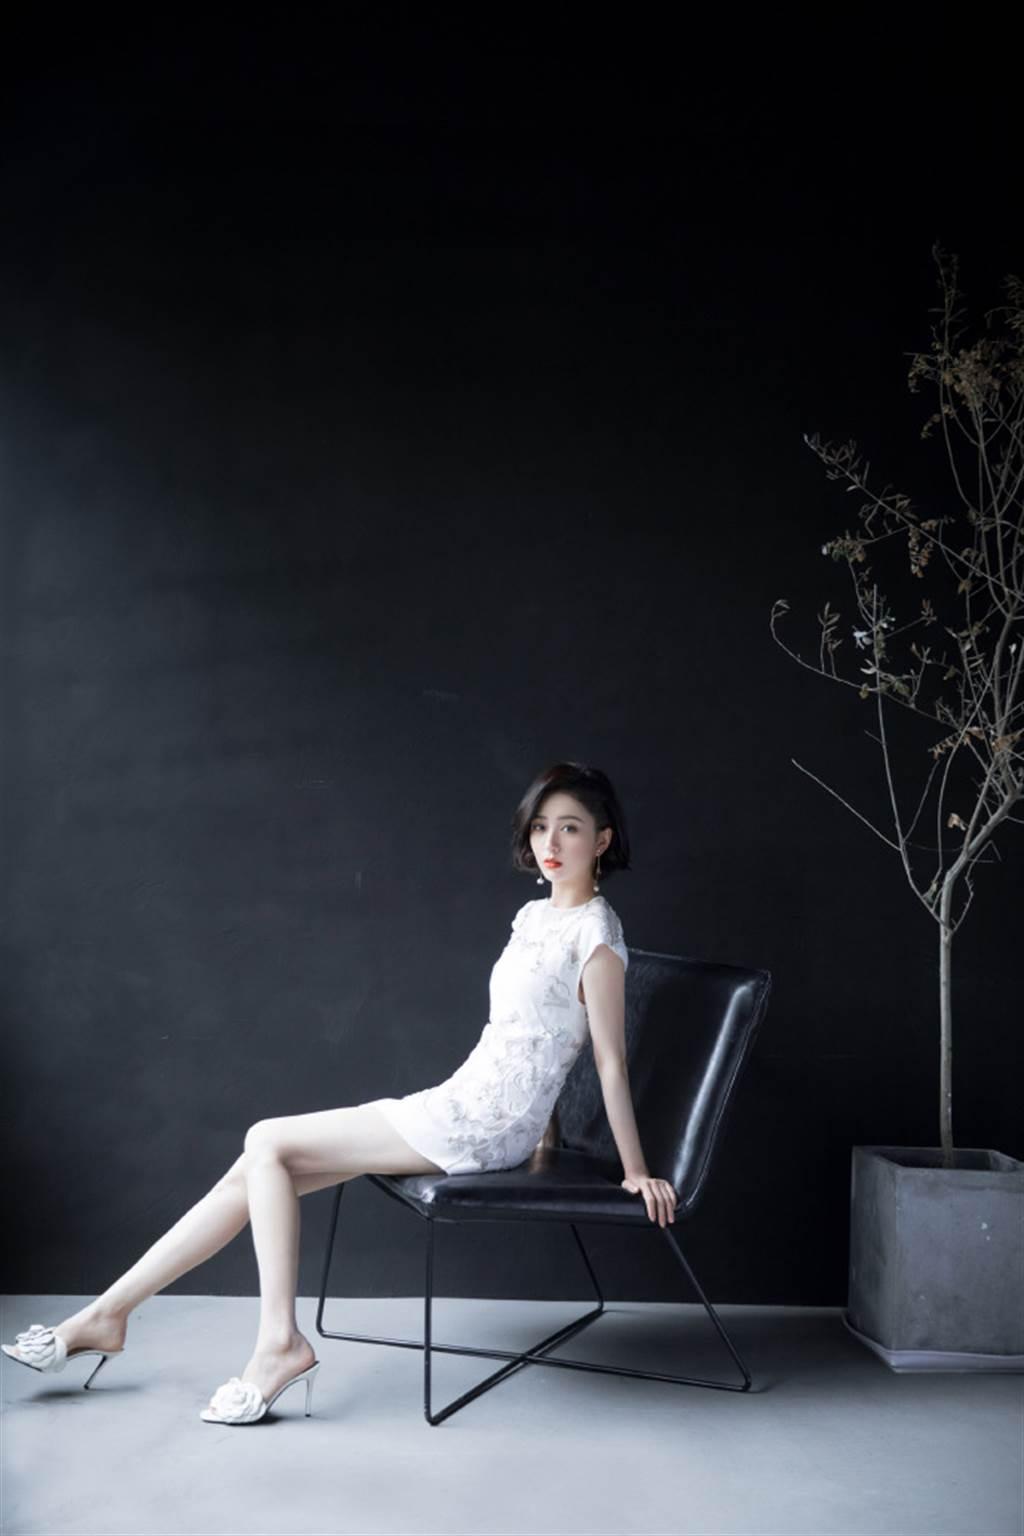 新疆女神佟麗婭的身材原來這麼好。(圖/取材自Hello佟麗婭微博)